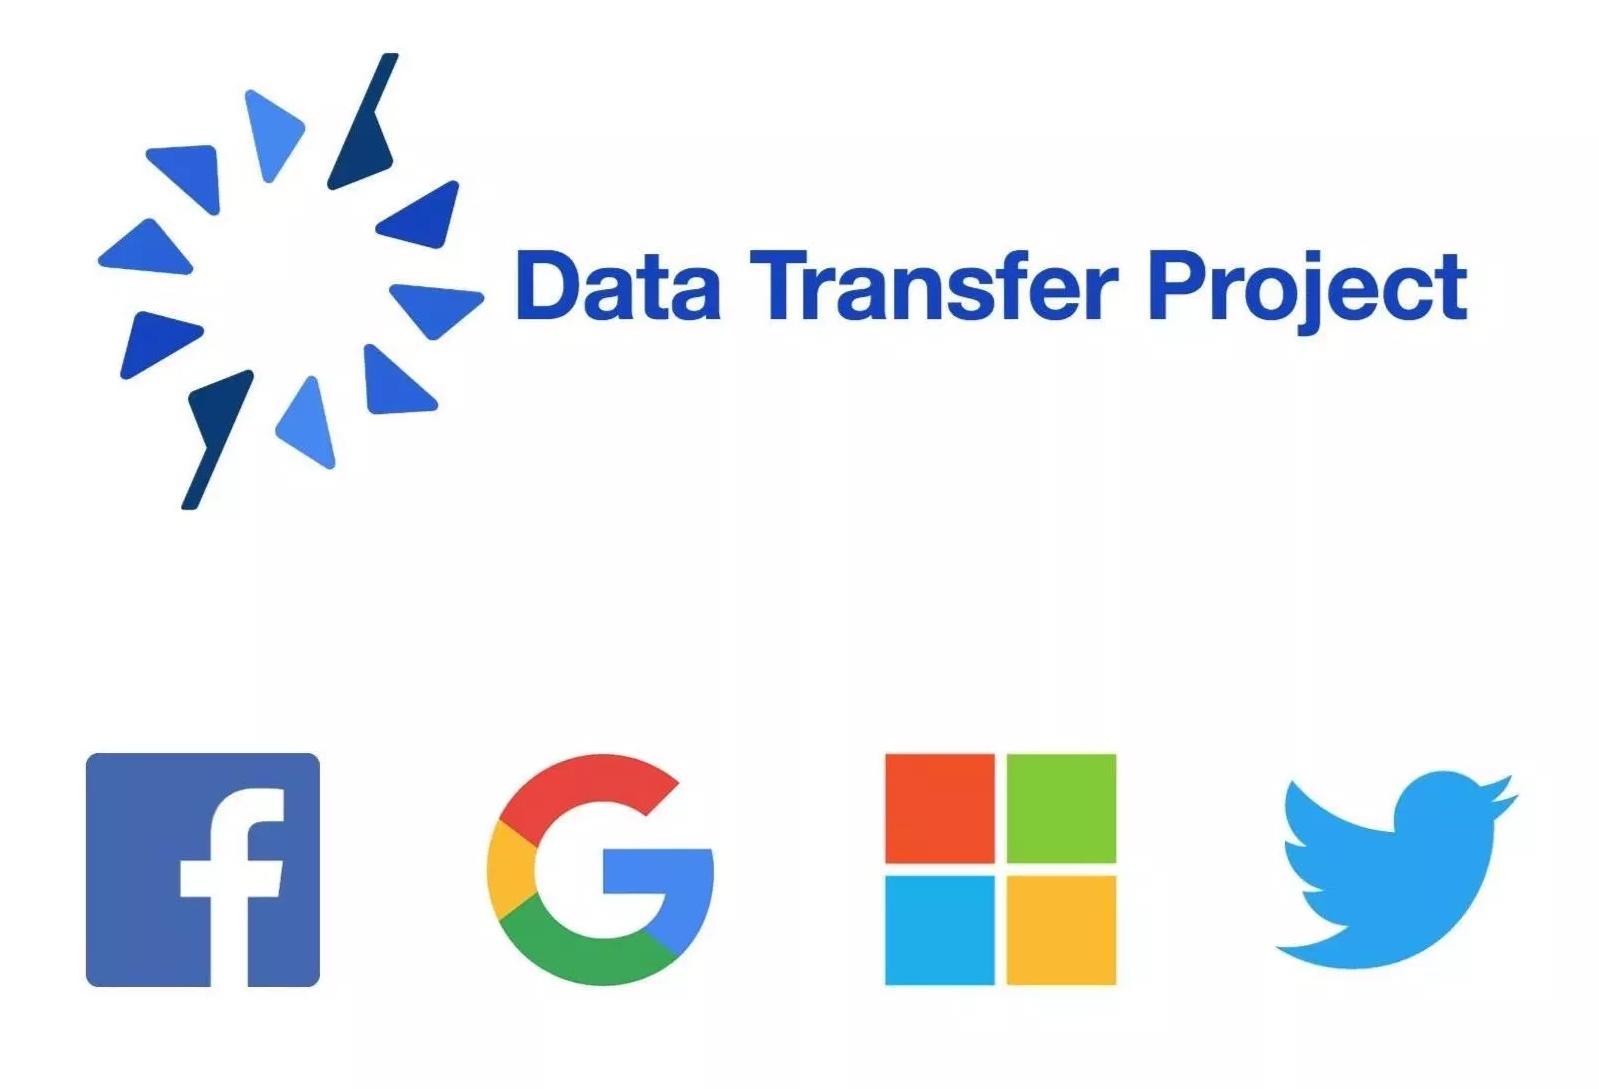 Data Transfer Project (DTP): qué es y para qué sirve